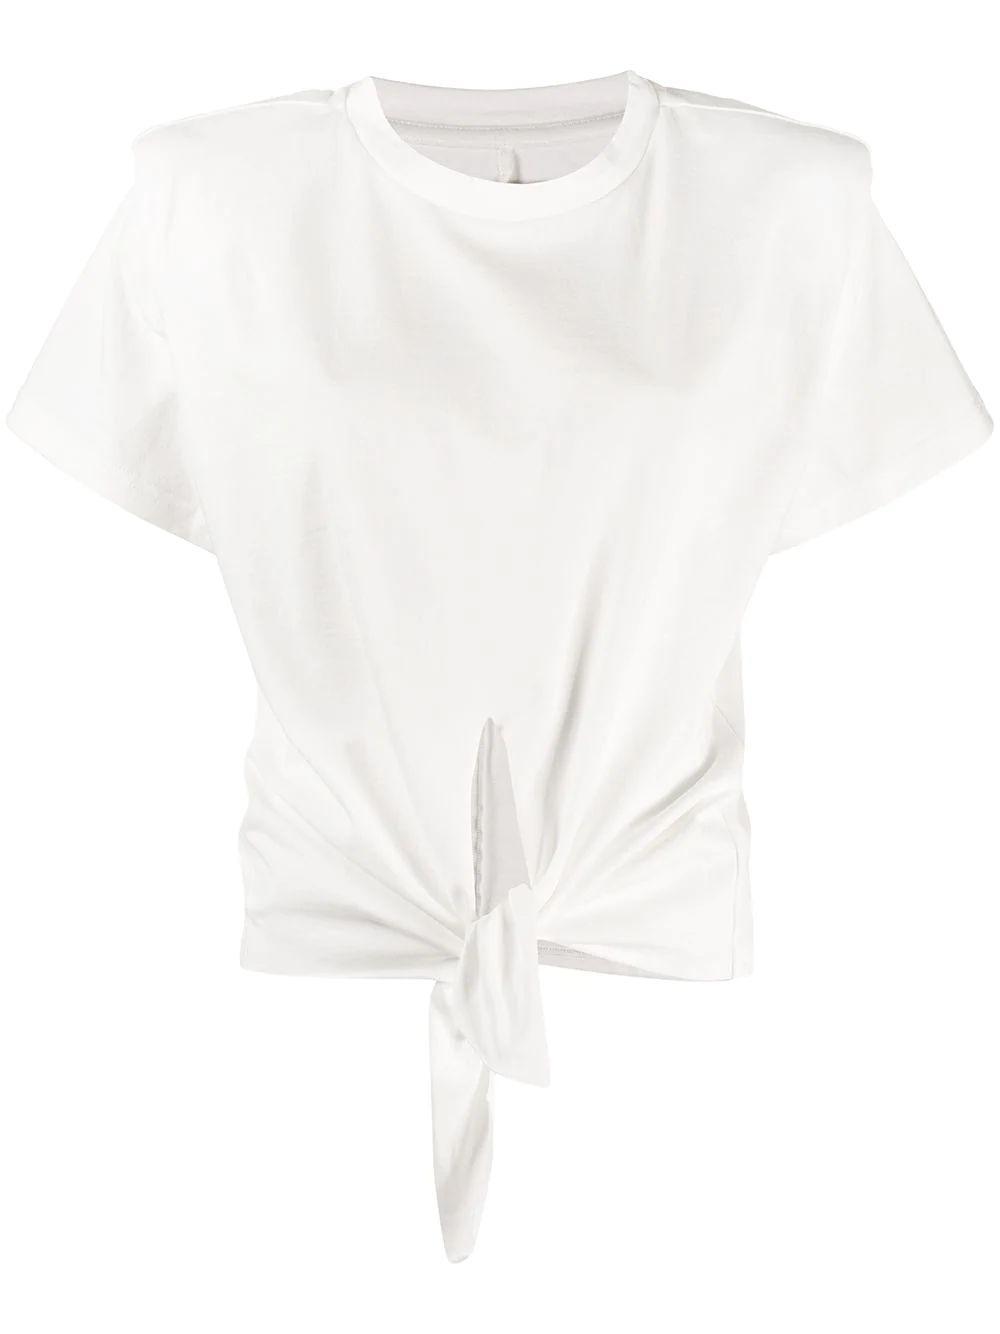 T- Shirt With Tie Front Item # BELITA